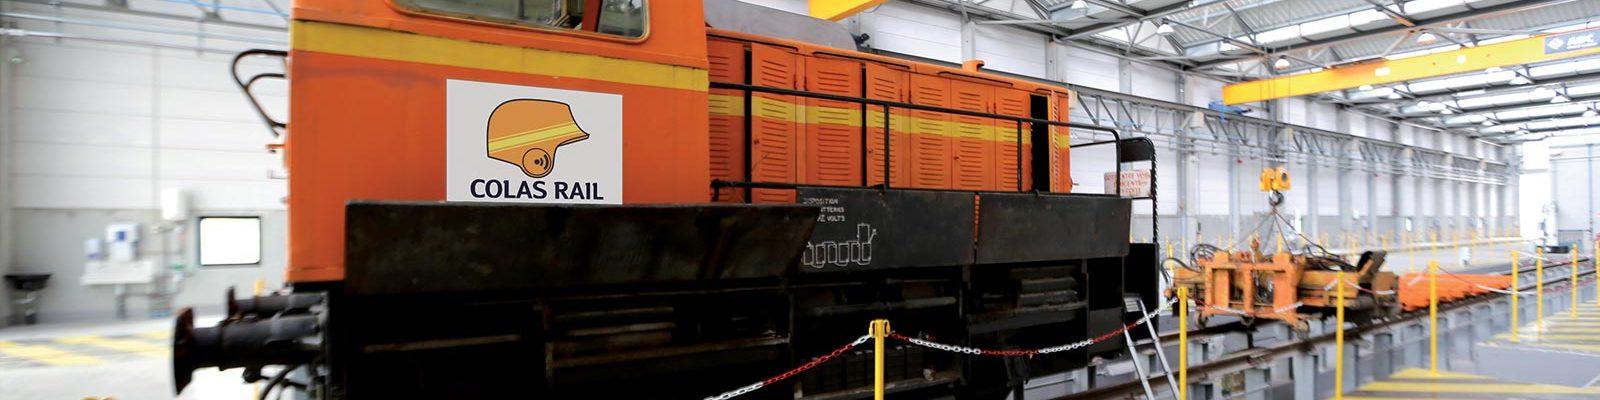 dépannage ferroviaire